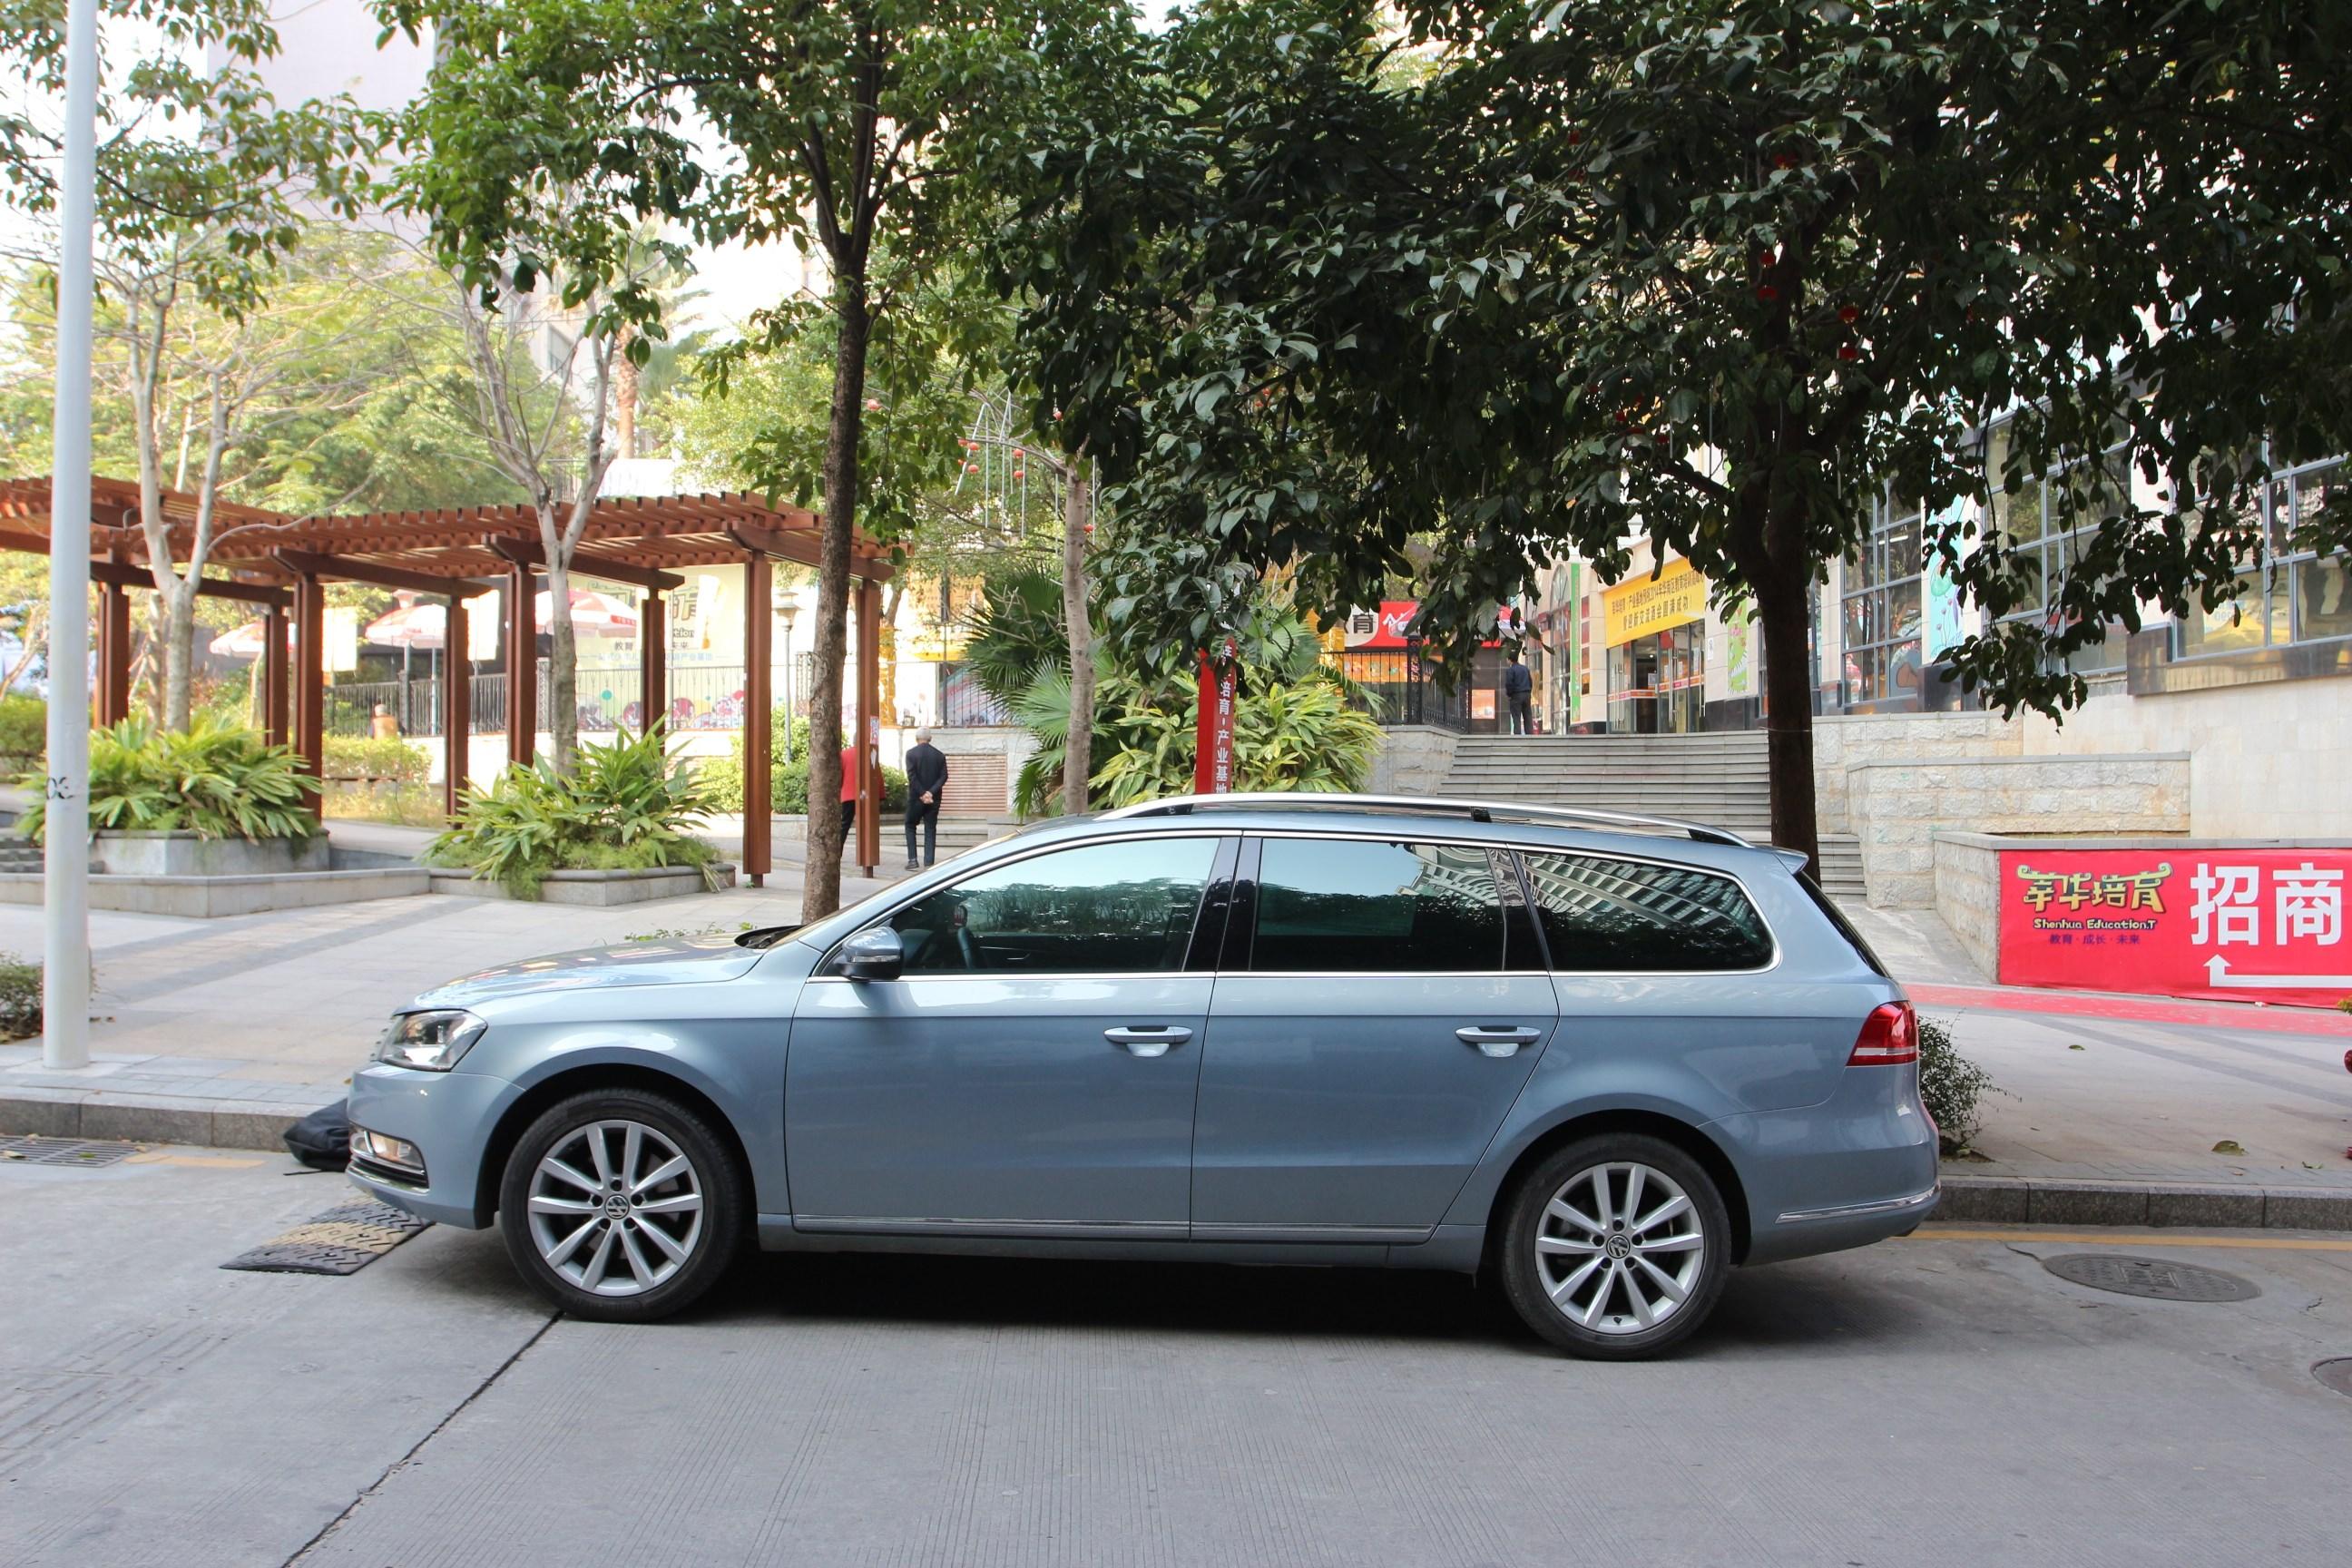 大众-迈腾(进口) 2012款 旅行版 2.0tsi 自动 舒适型